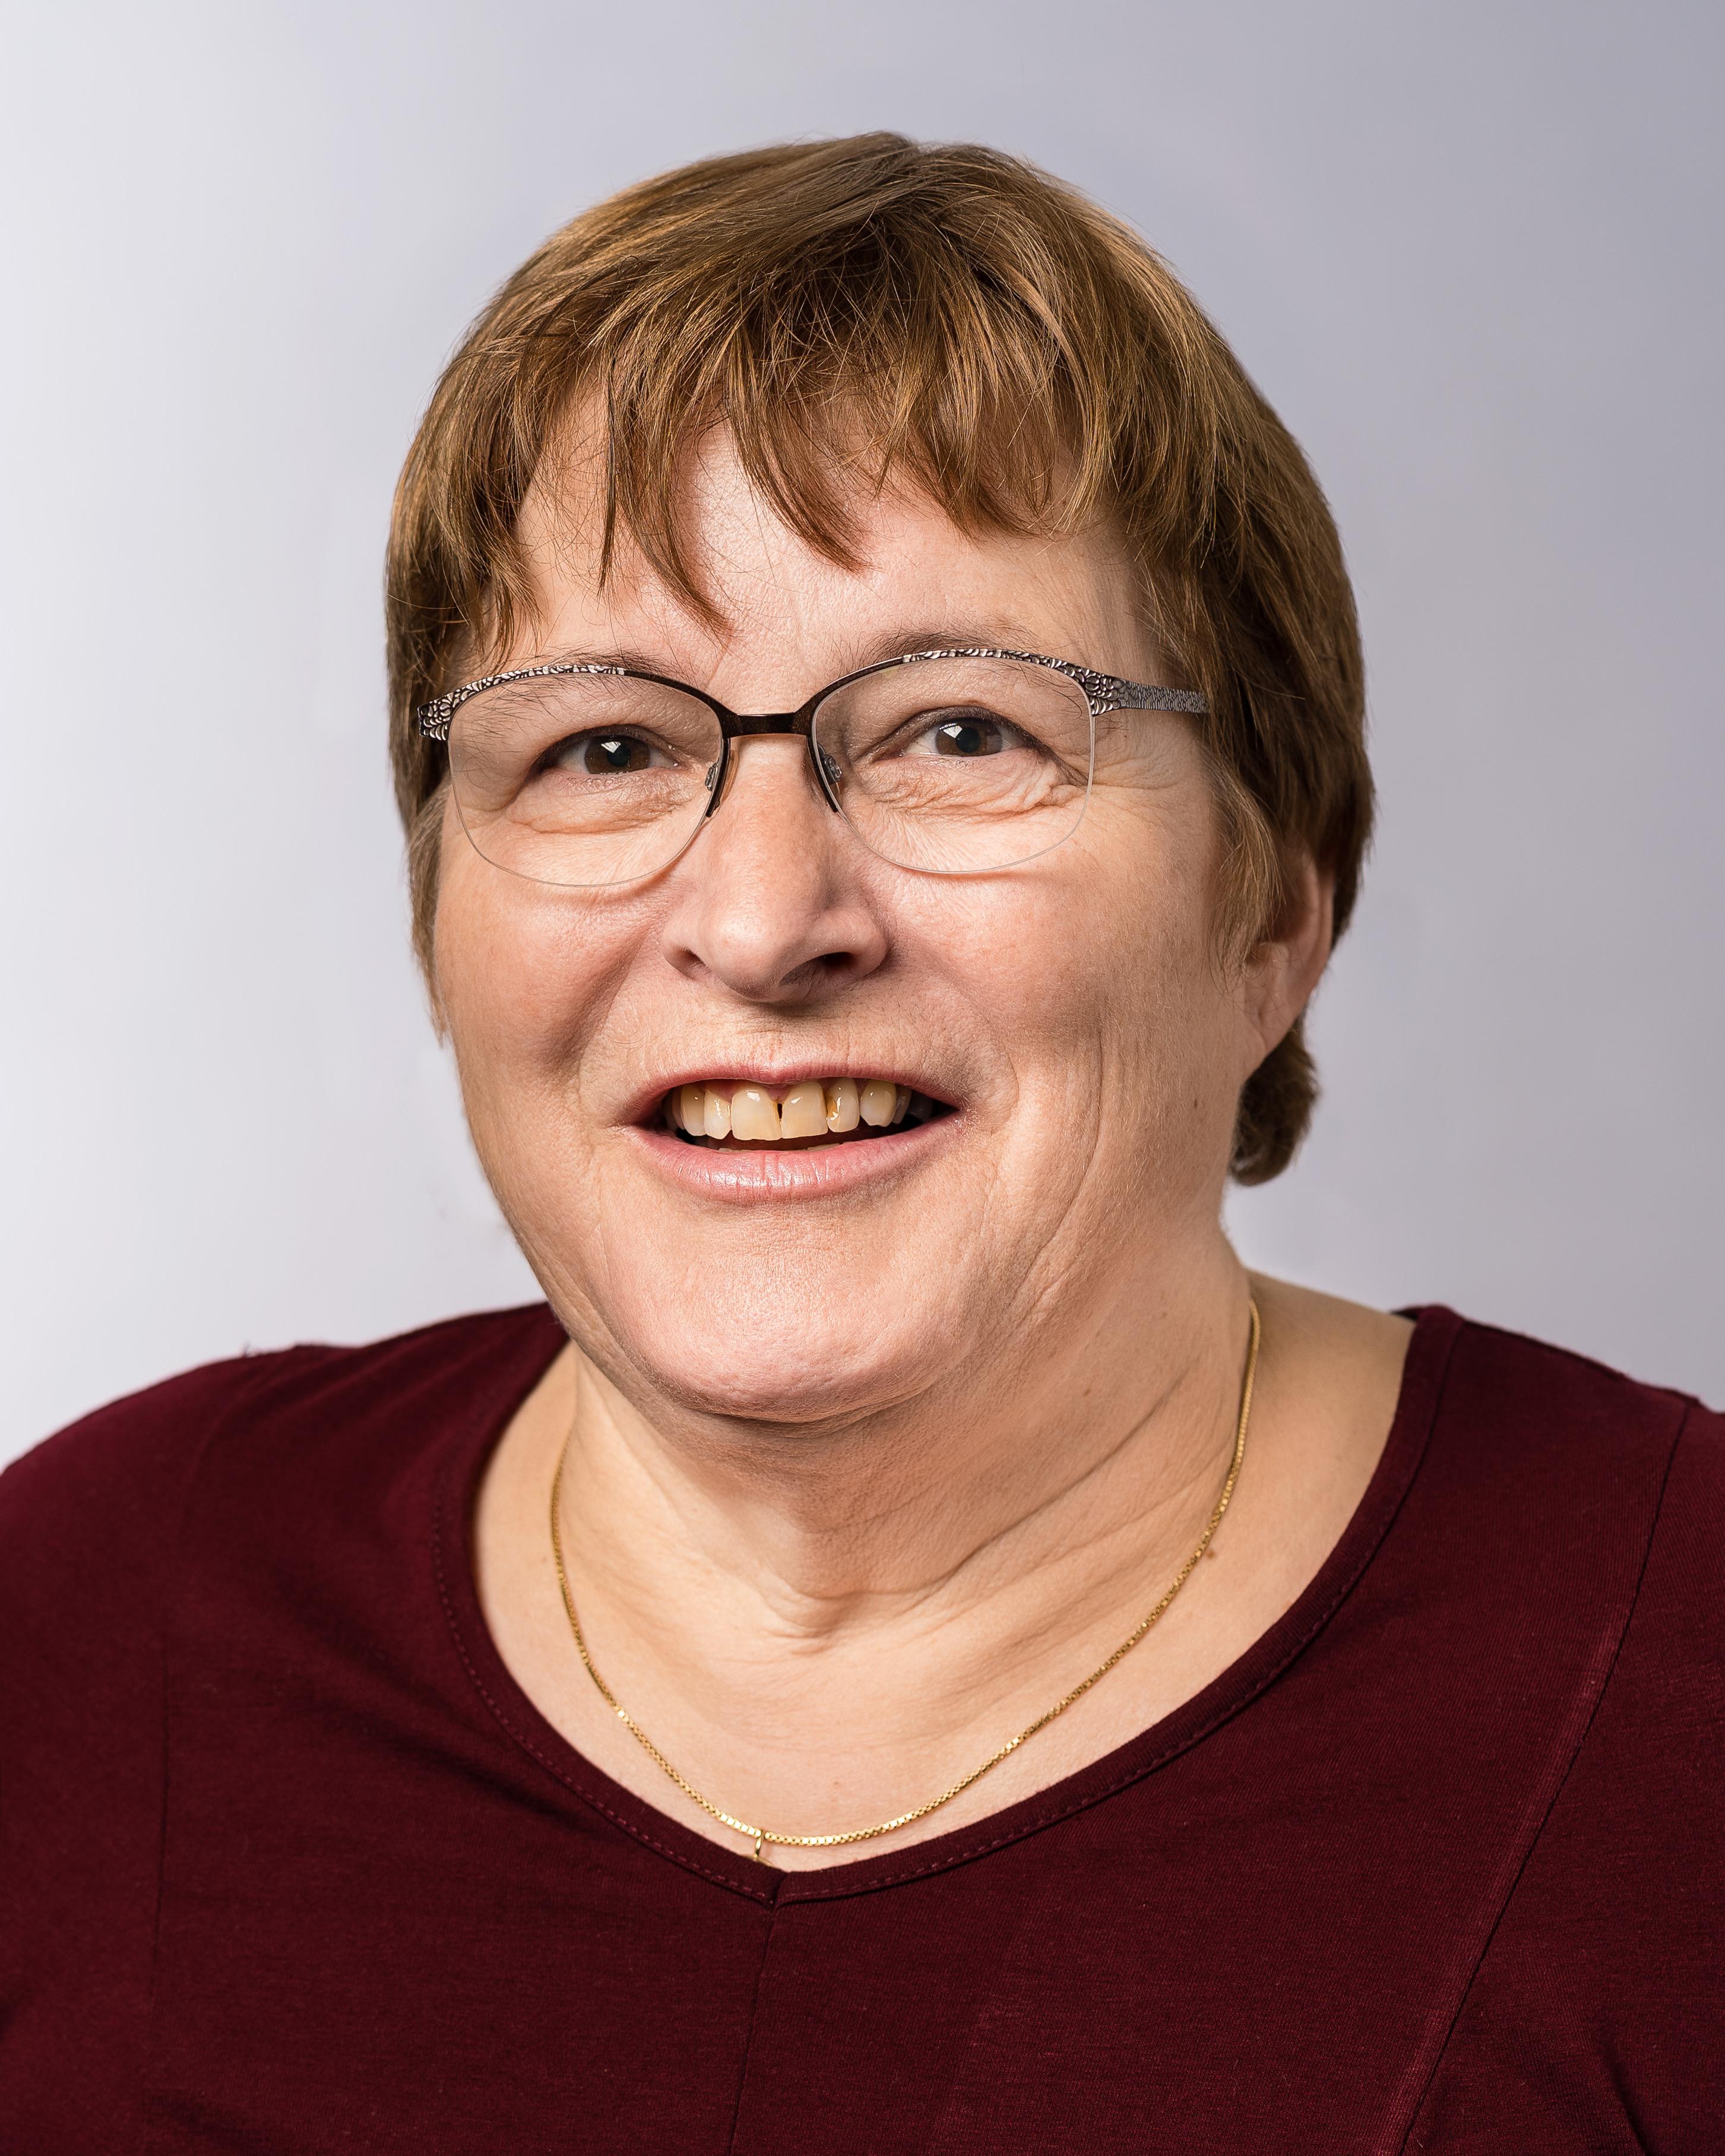 Erika Strahm